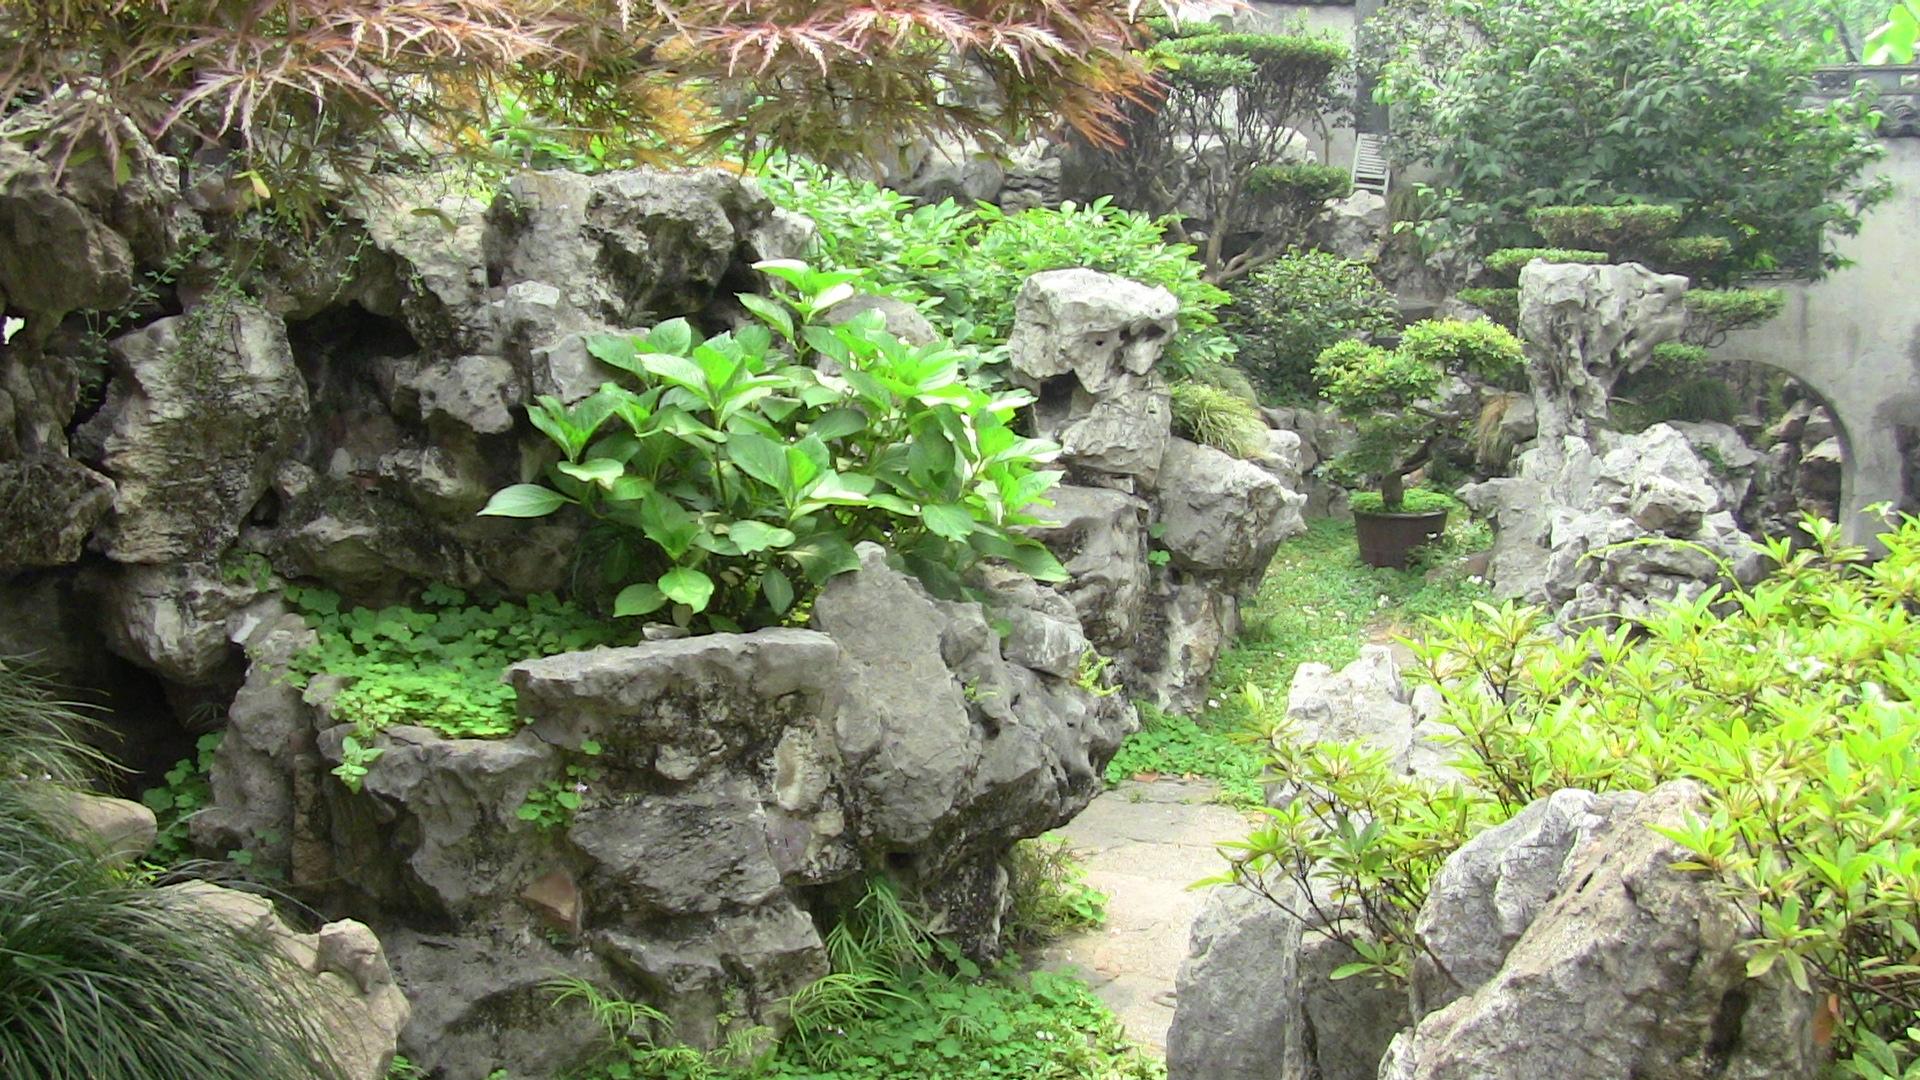 Shangha m galopole aux multiples visages carnet du monde for Le jardin yuyuan